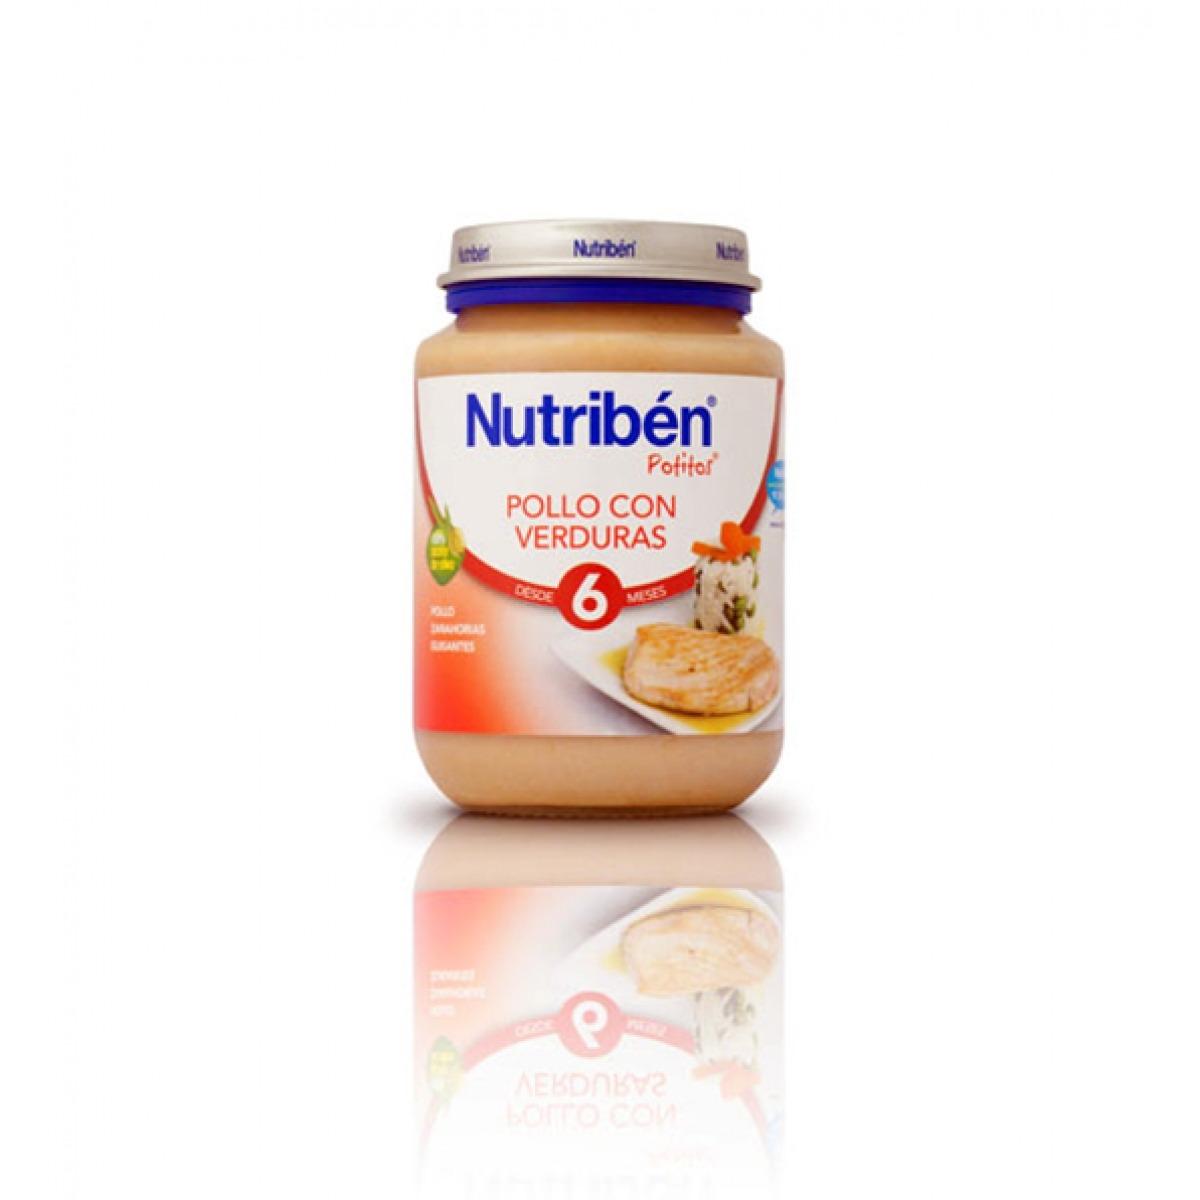 NUTRIBEN POLLO CON VERDURAS 200 G.